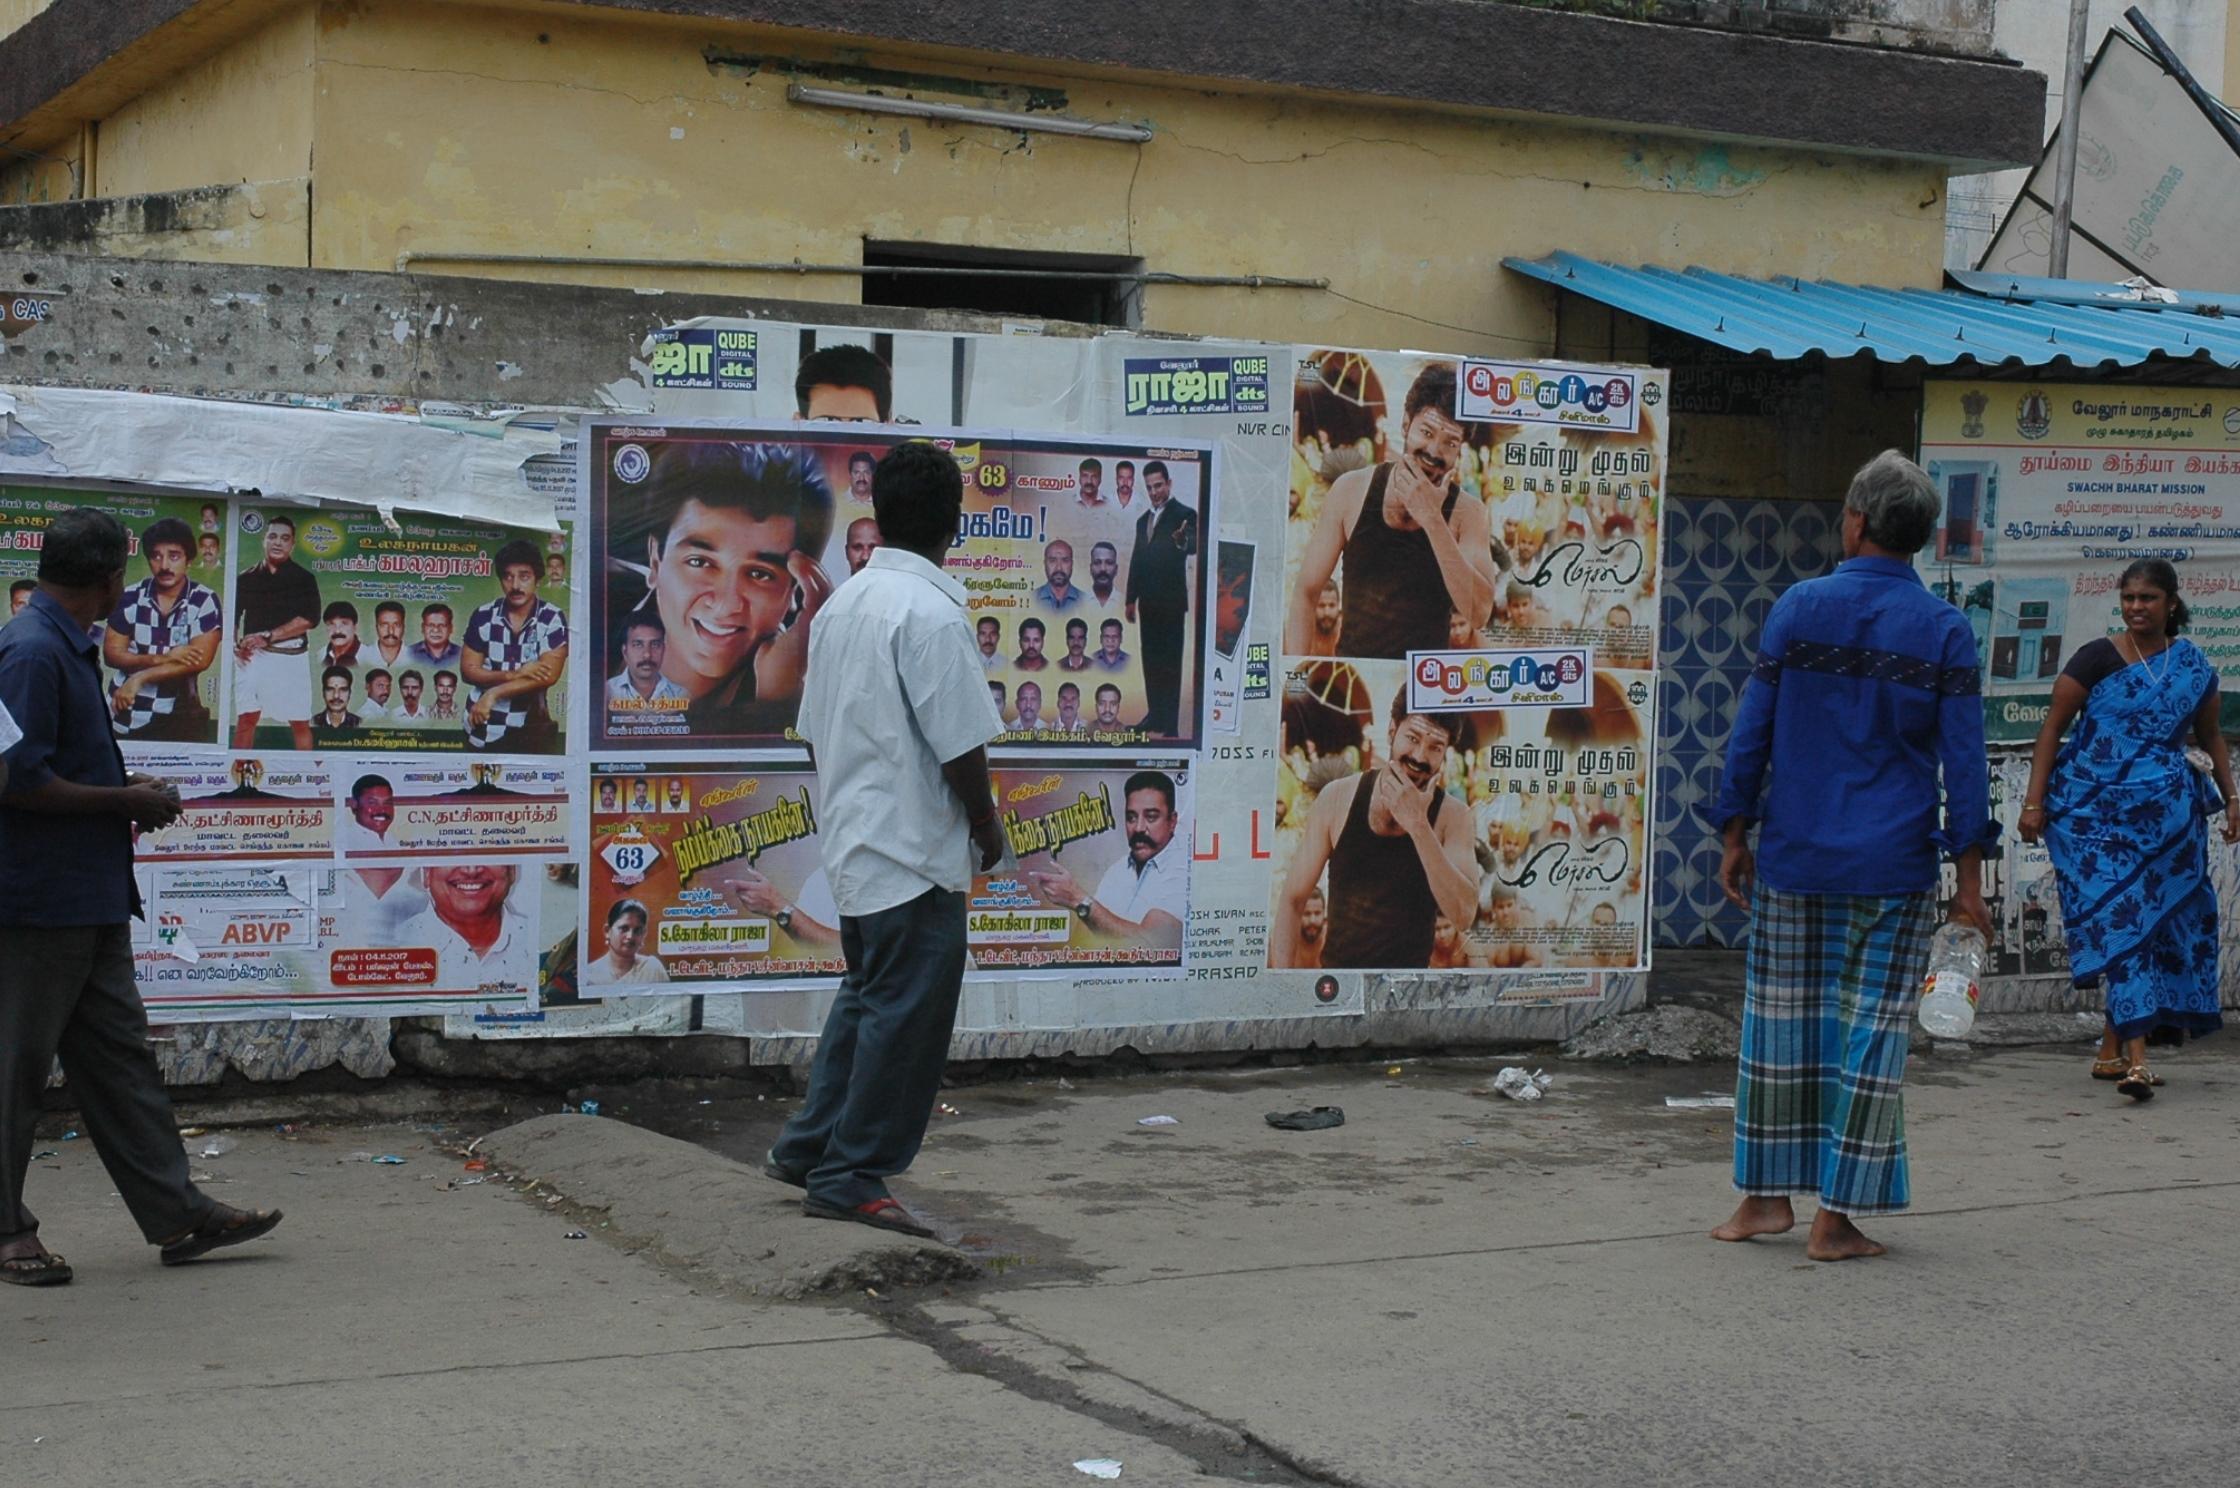 'ஊழல்வாதிகள் ஓடவும் முடியாது... ஒளியவும் முடியாது..!' - 'அரசியல்' போஸ்டர்களால் தமிழகத்தை தெறிக்கவிடும் கமல் ரசிகர்கள்!